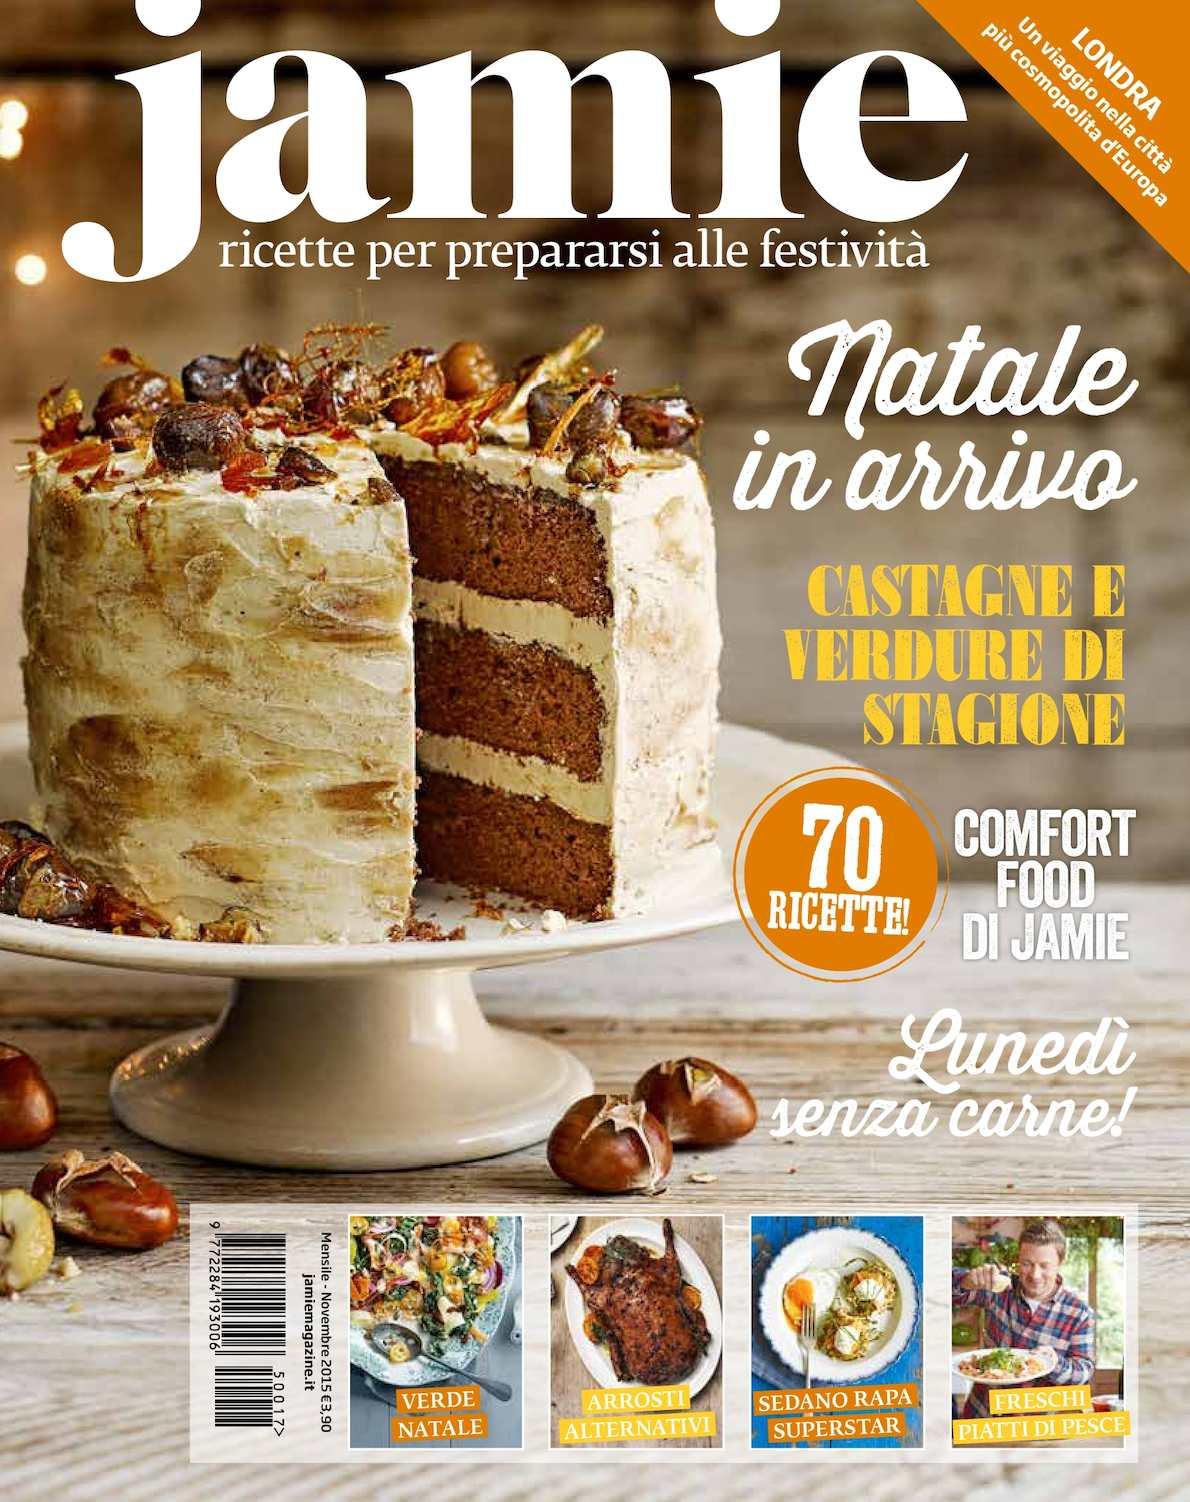 Dolci Natalizi Jamie Oliver.Calameo Natale In Arrivo